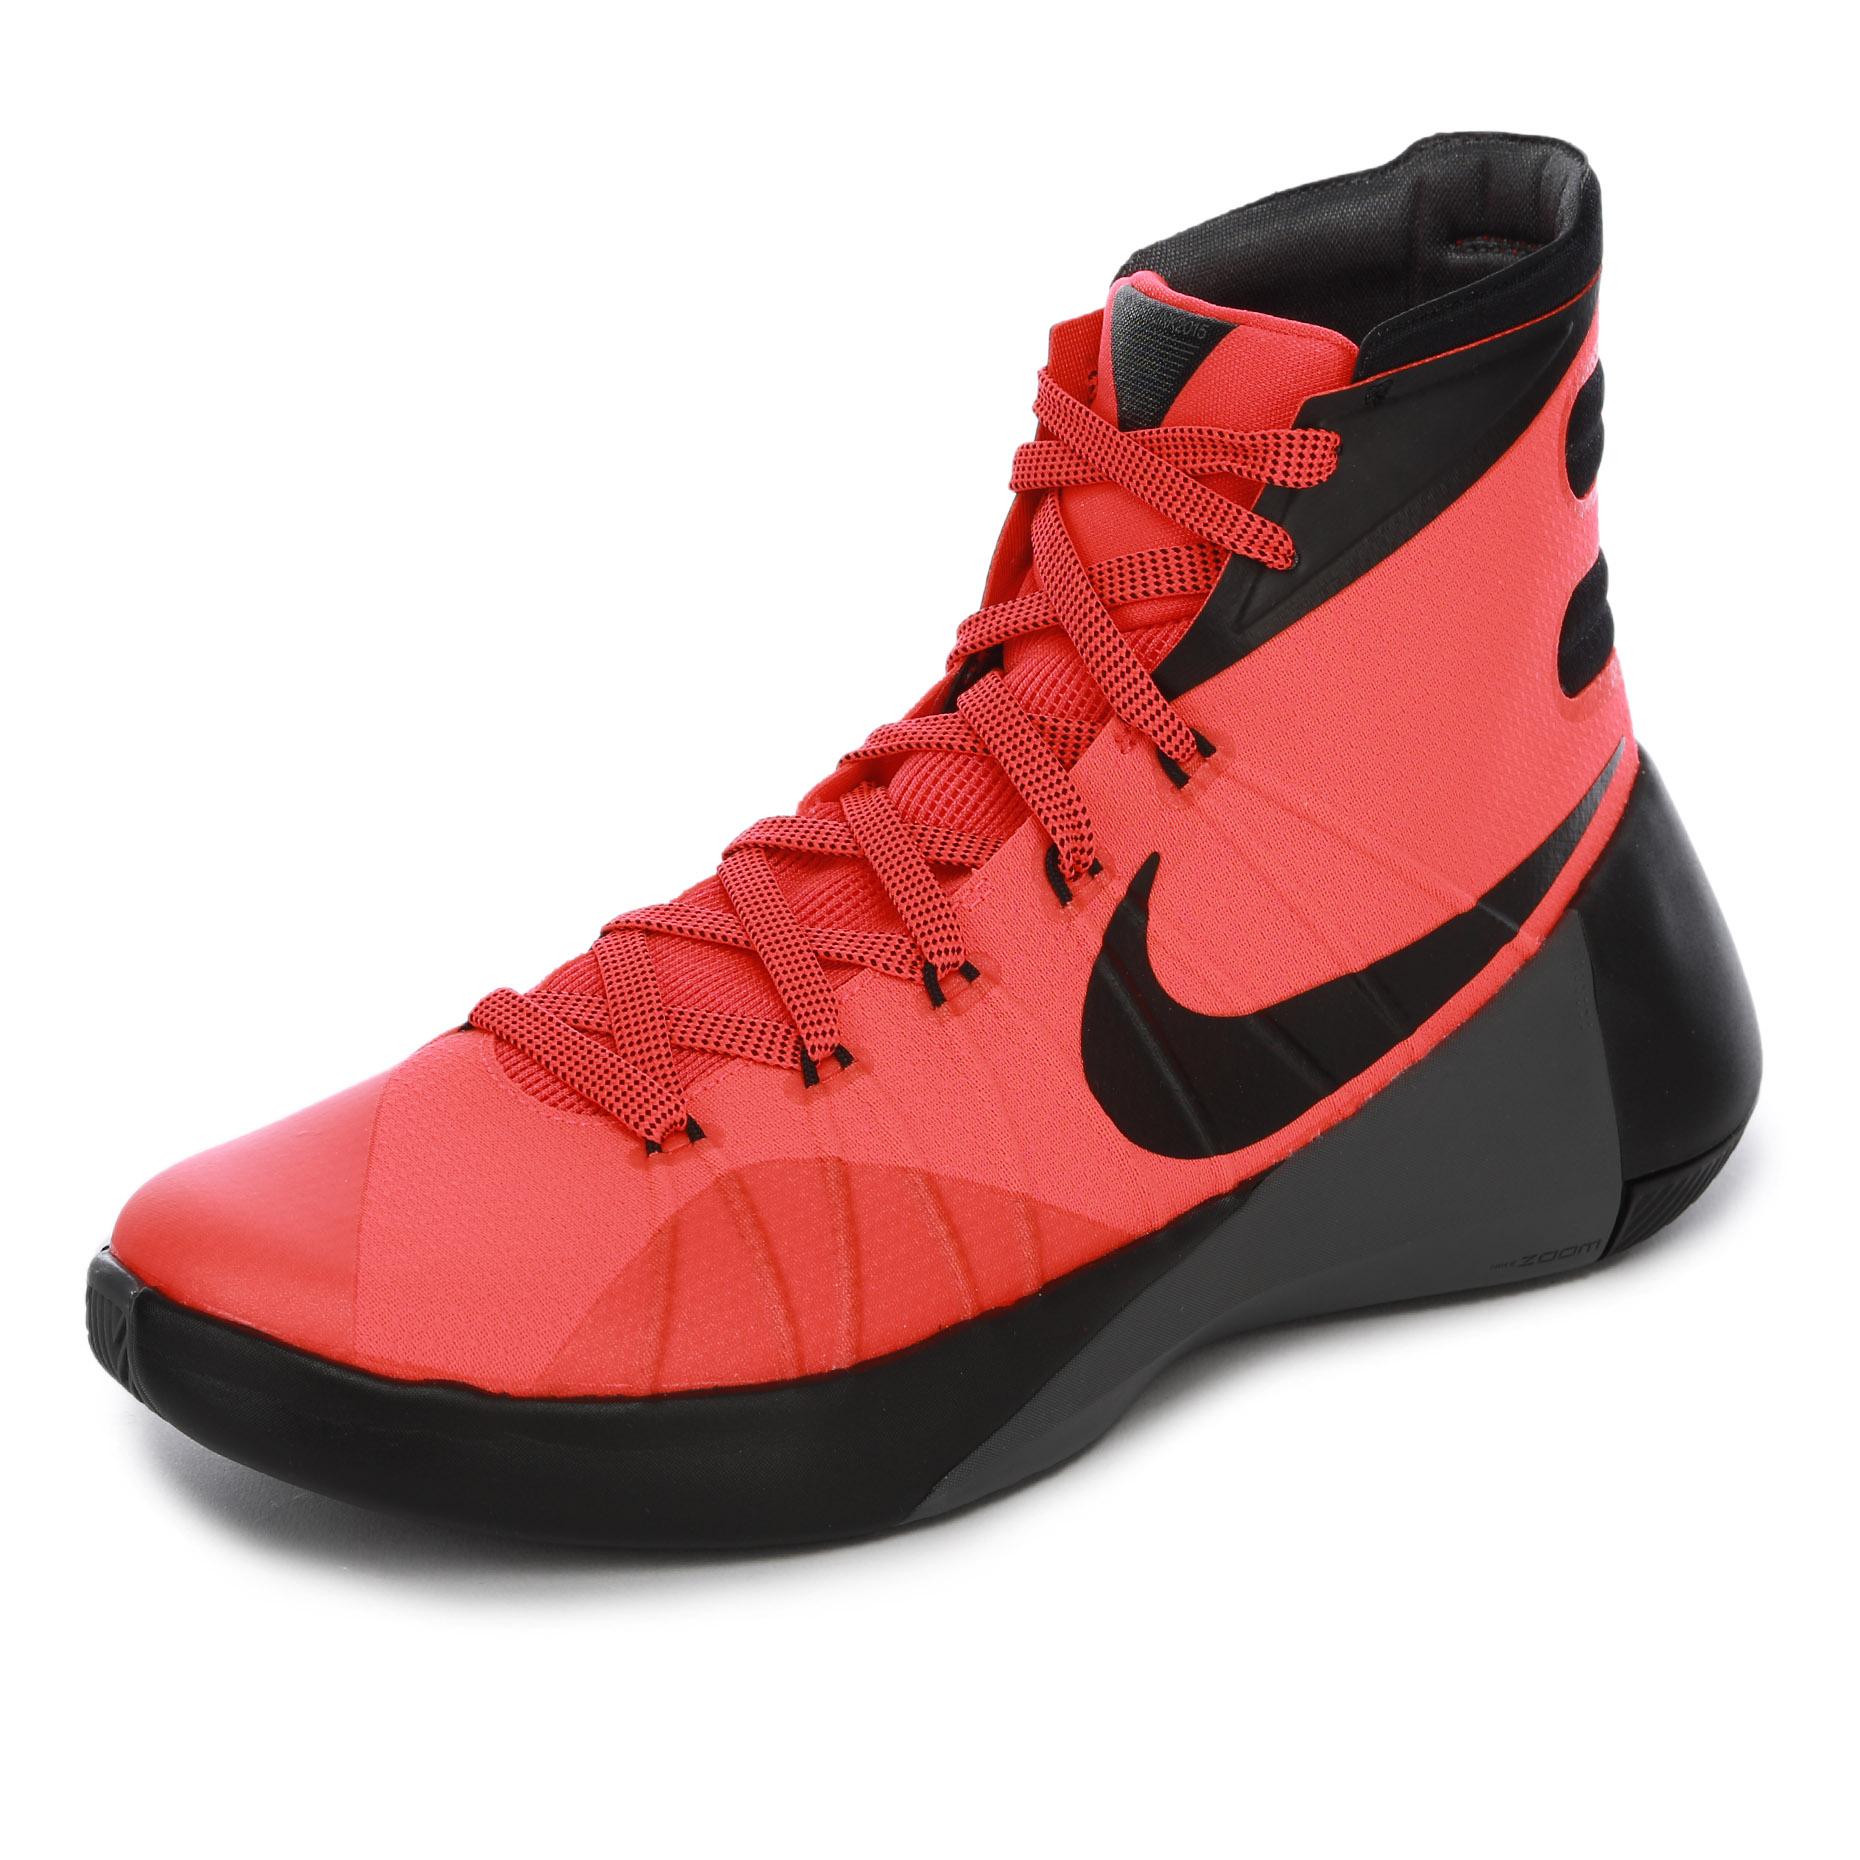 12b47ab8 Кроссовки от Nike (749561-600) - продажа, цена, фото, описание